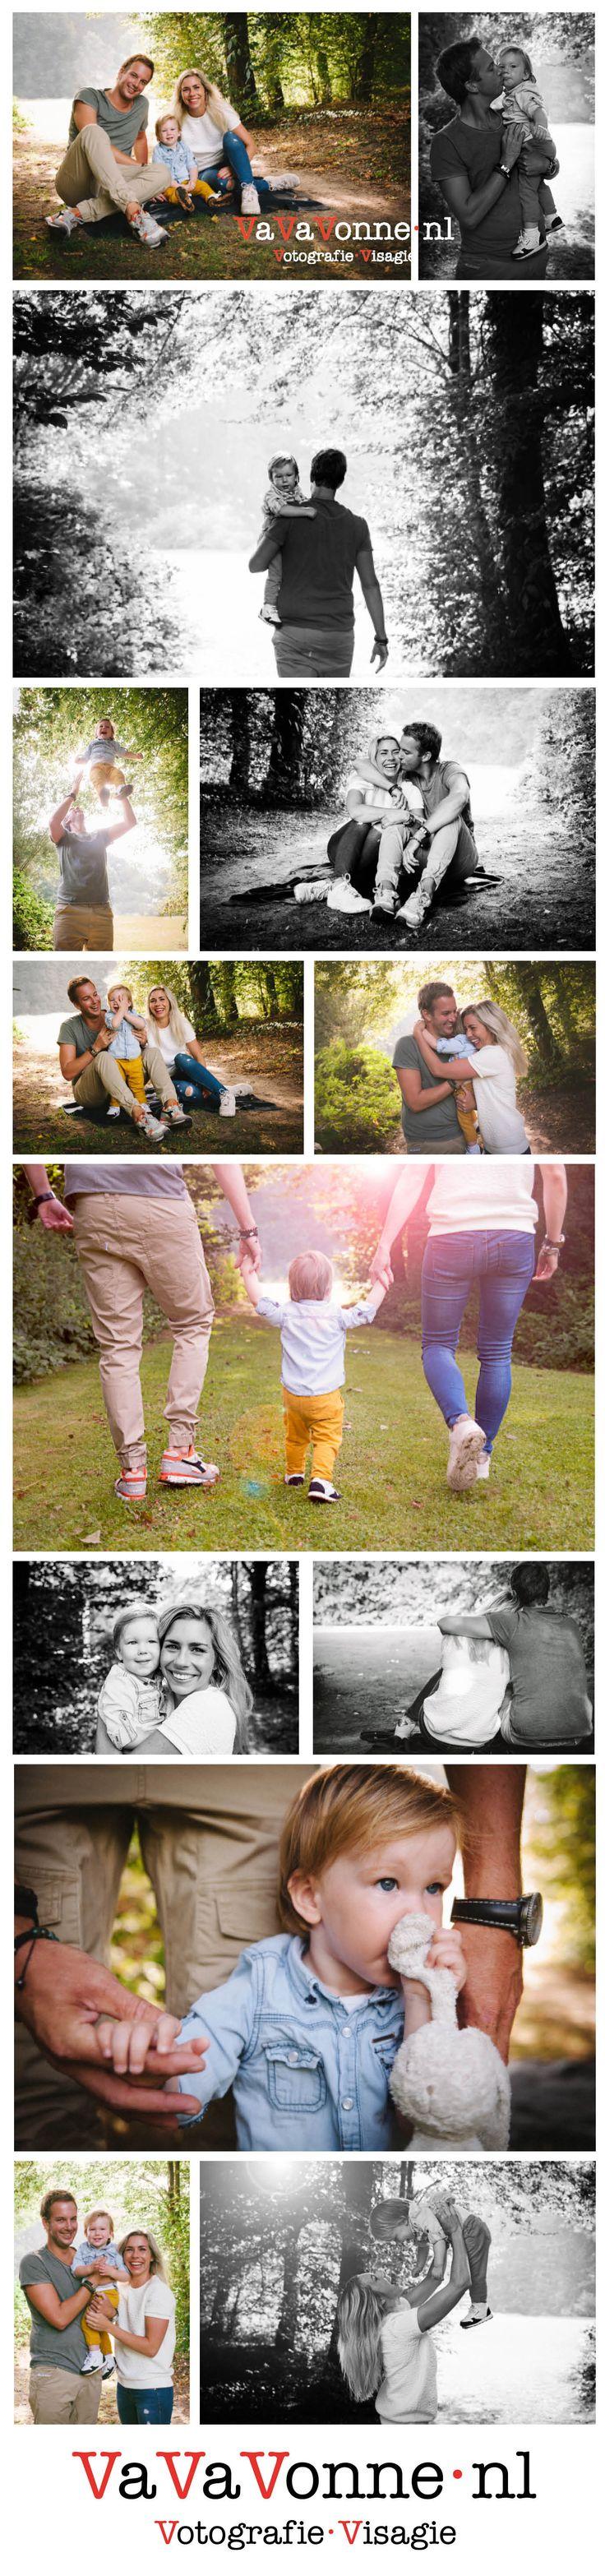 Familiefotografie. Natuurlijke en spontane gezinsfoto's in een fotoshoot met Studio VaVaVonne.nl in Vught (onder Den Bosch). Voor foto's van zwangerschap, newborn, familie, baby en kind.  puur naturel ongedwongen samen echt authentiek lachen knuffelen gezin als jezelf